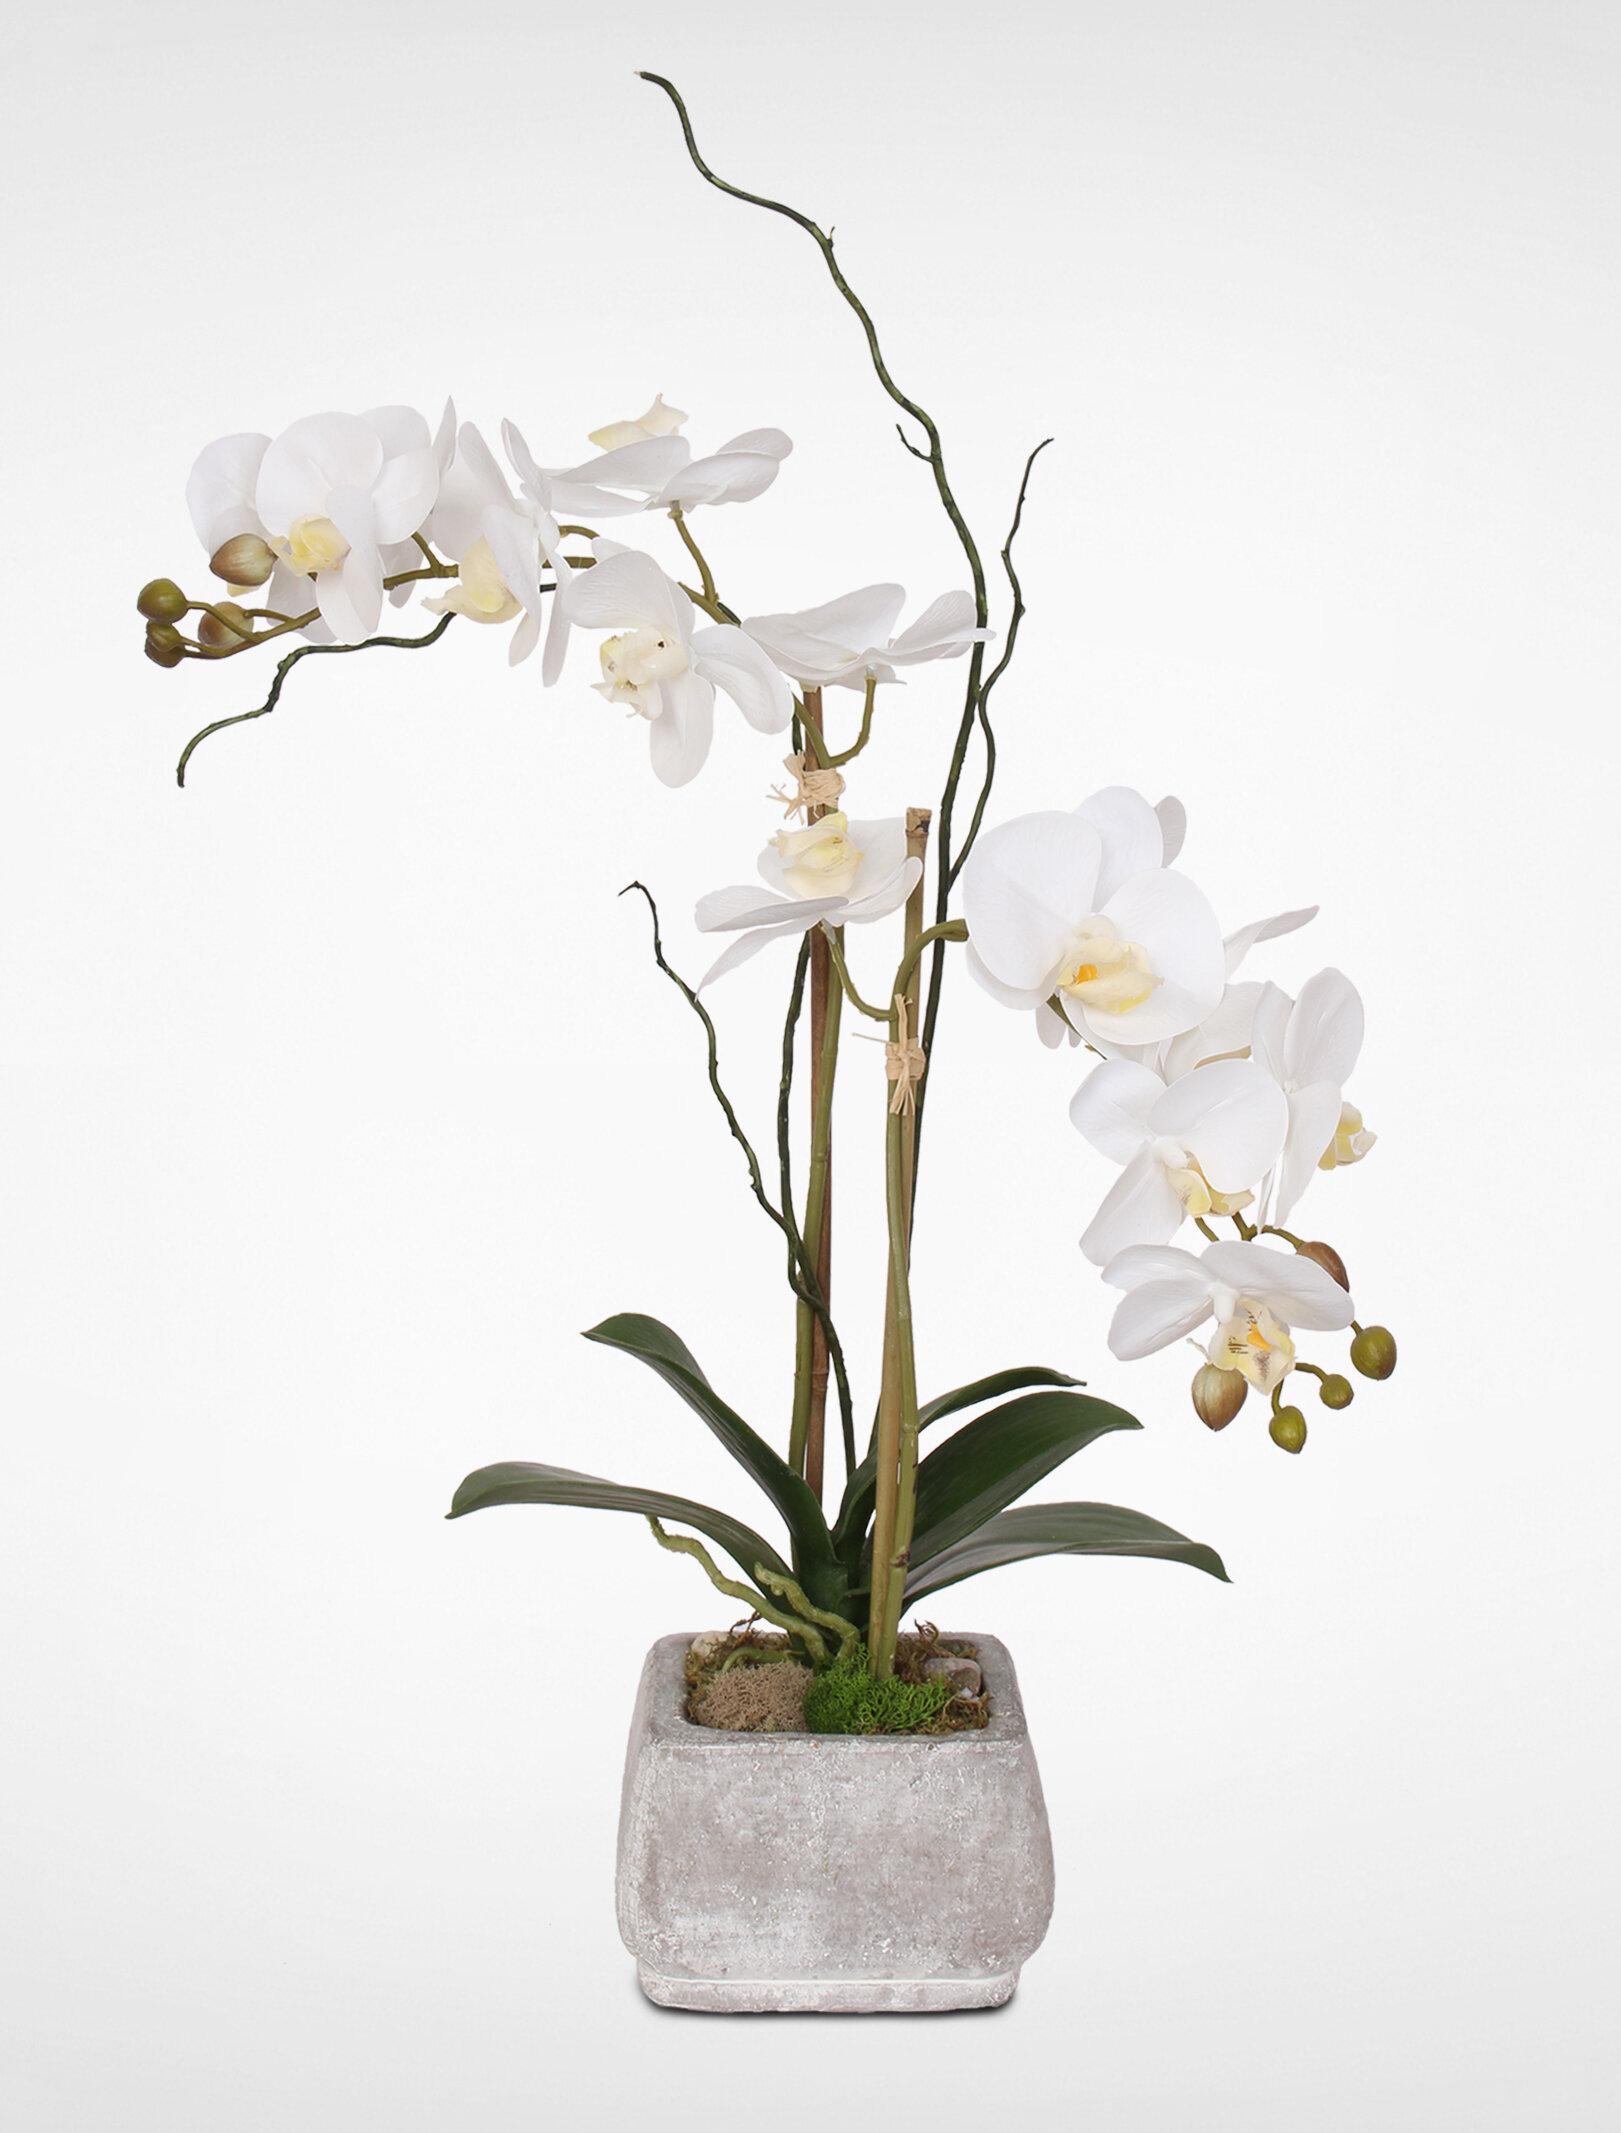 World Menagerie Orchids Floral Arrangement In Pot Reviews Wayfair